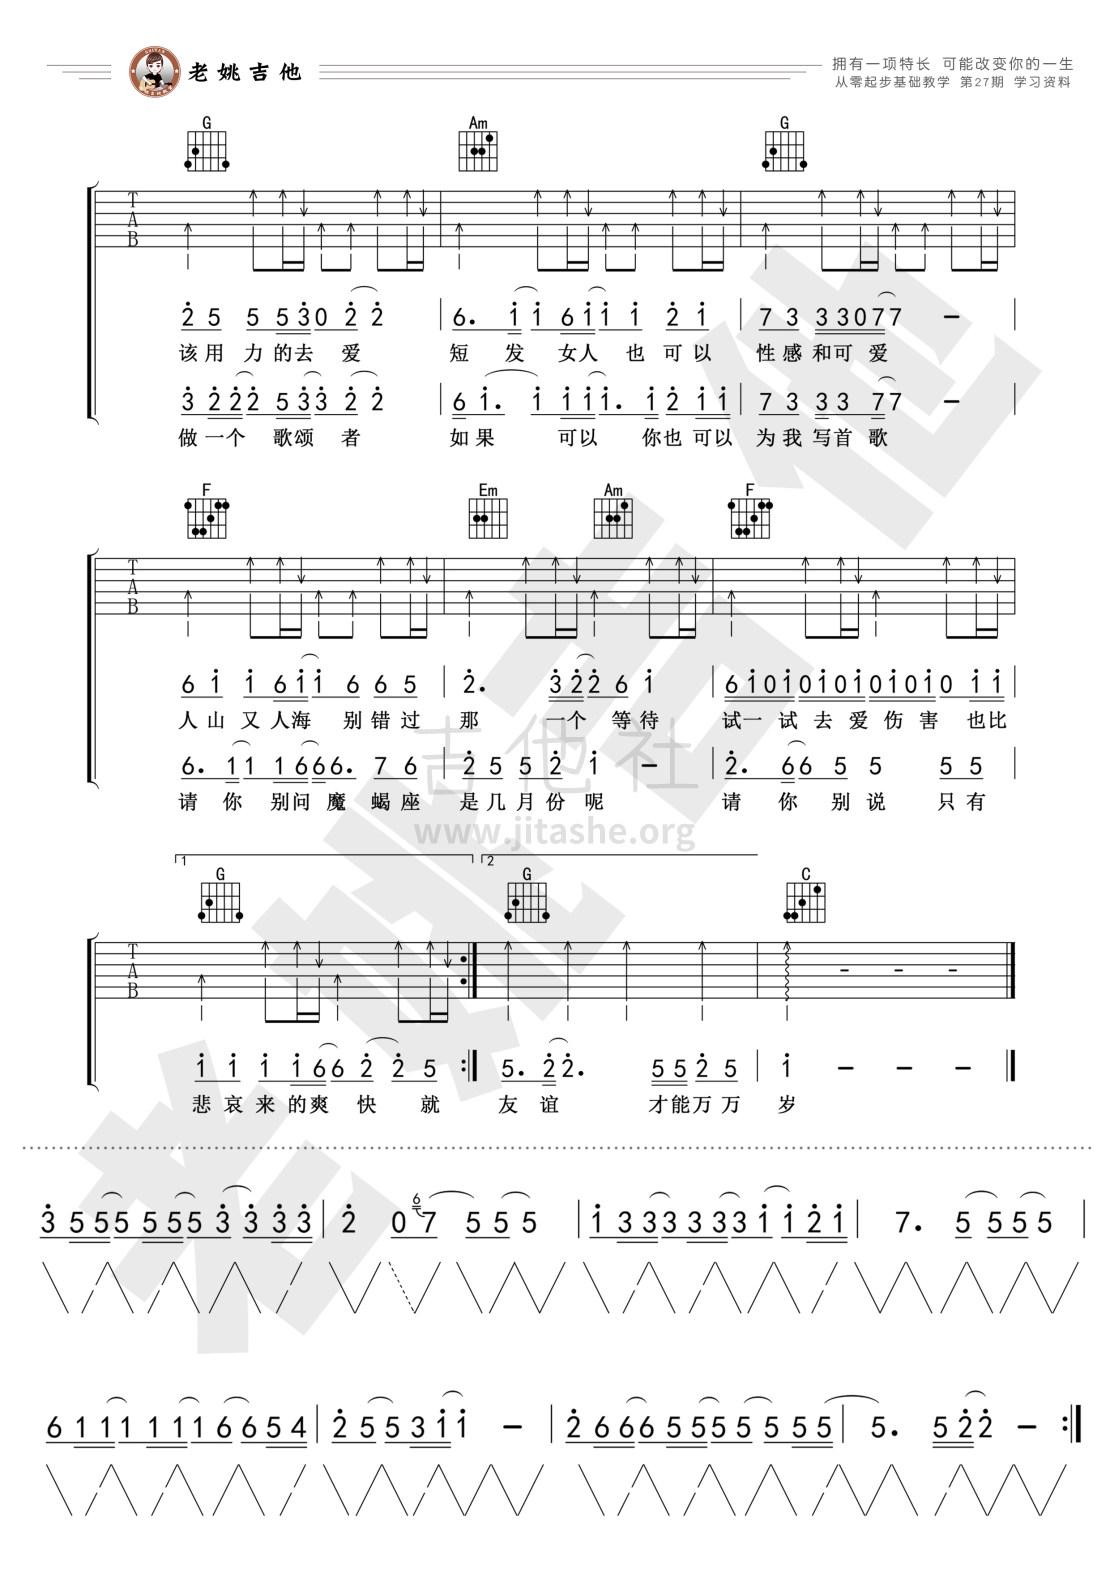 狮子座吉他谱(资料谱,弹唱,简单版,图片)_曾轶可_27课卡通2.jpg狮子座纹身教学图片